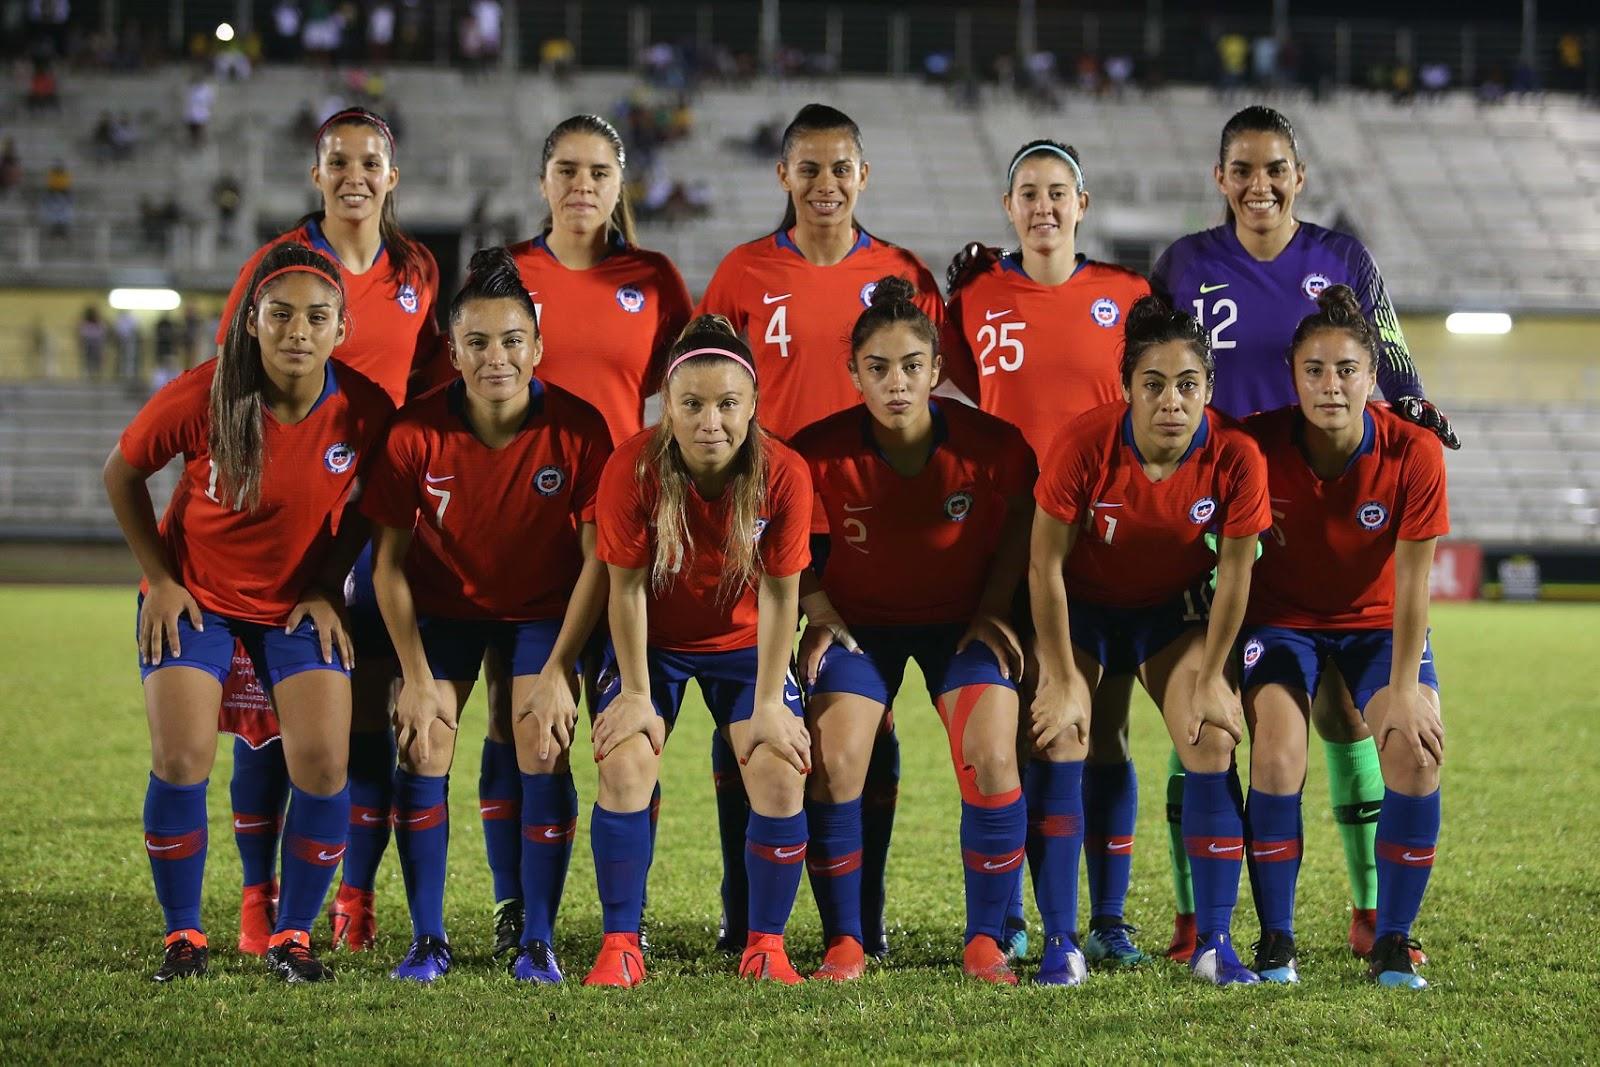 Formación de selección femenina de Chile ante Jamaica, amistoso disputado el 3 de marzo de 2019